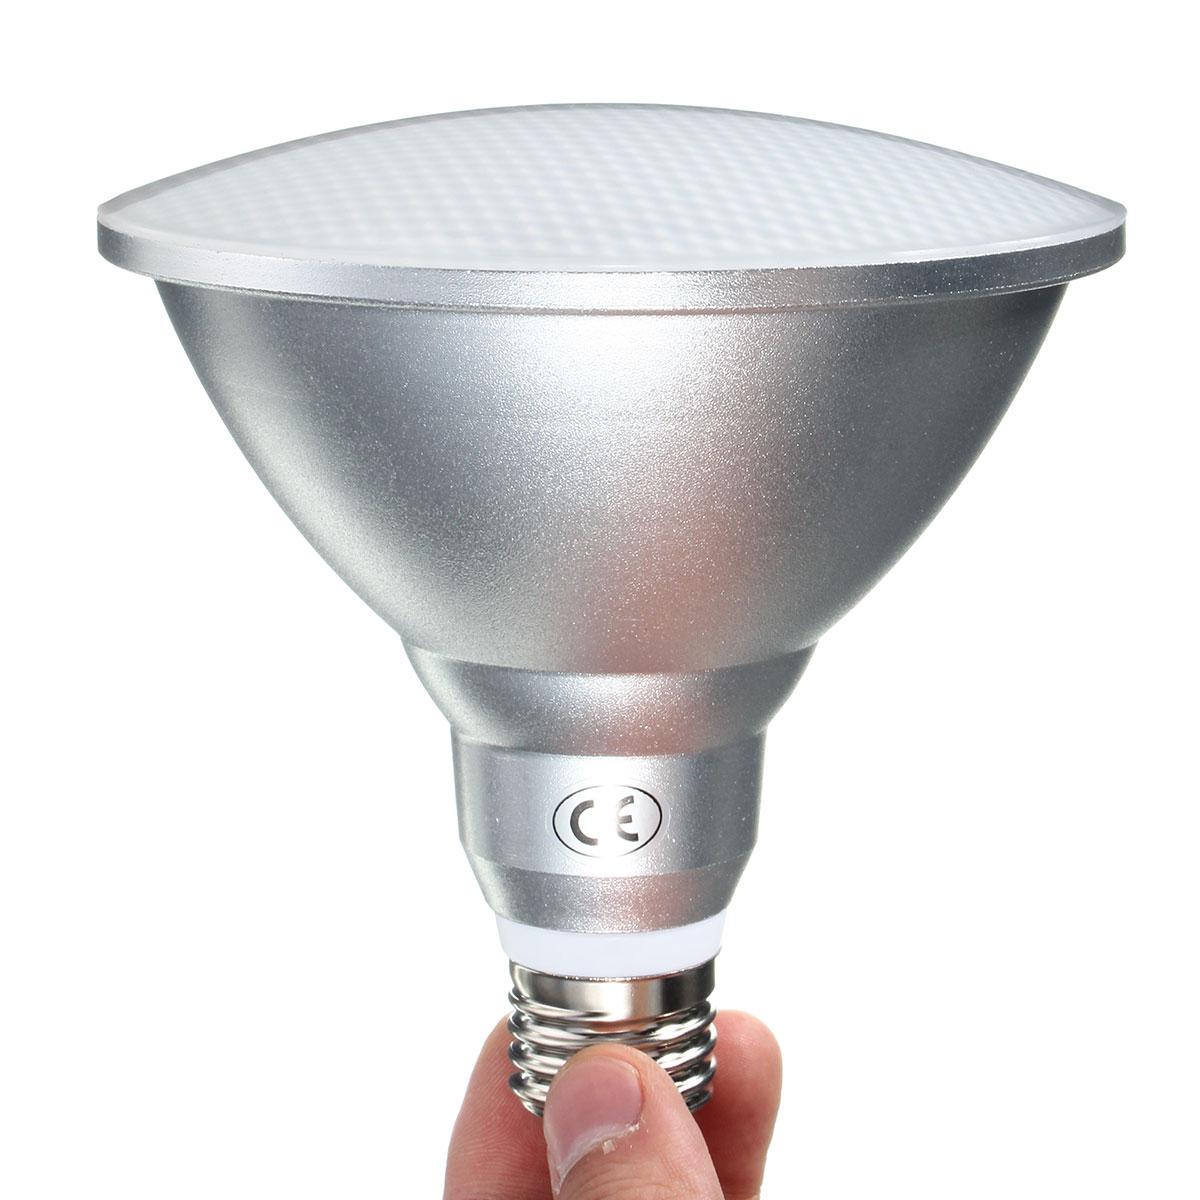 dimmable e27 par38 15w 900lm led spot light lamp bulb indoor lighting 110v alex nld. Black Bedroom Furniture Sets. Home Design Ideas